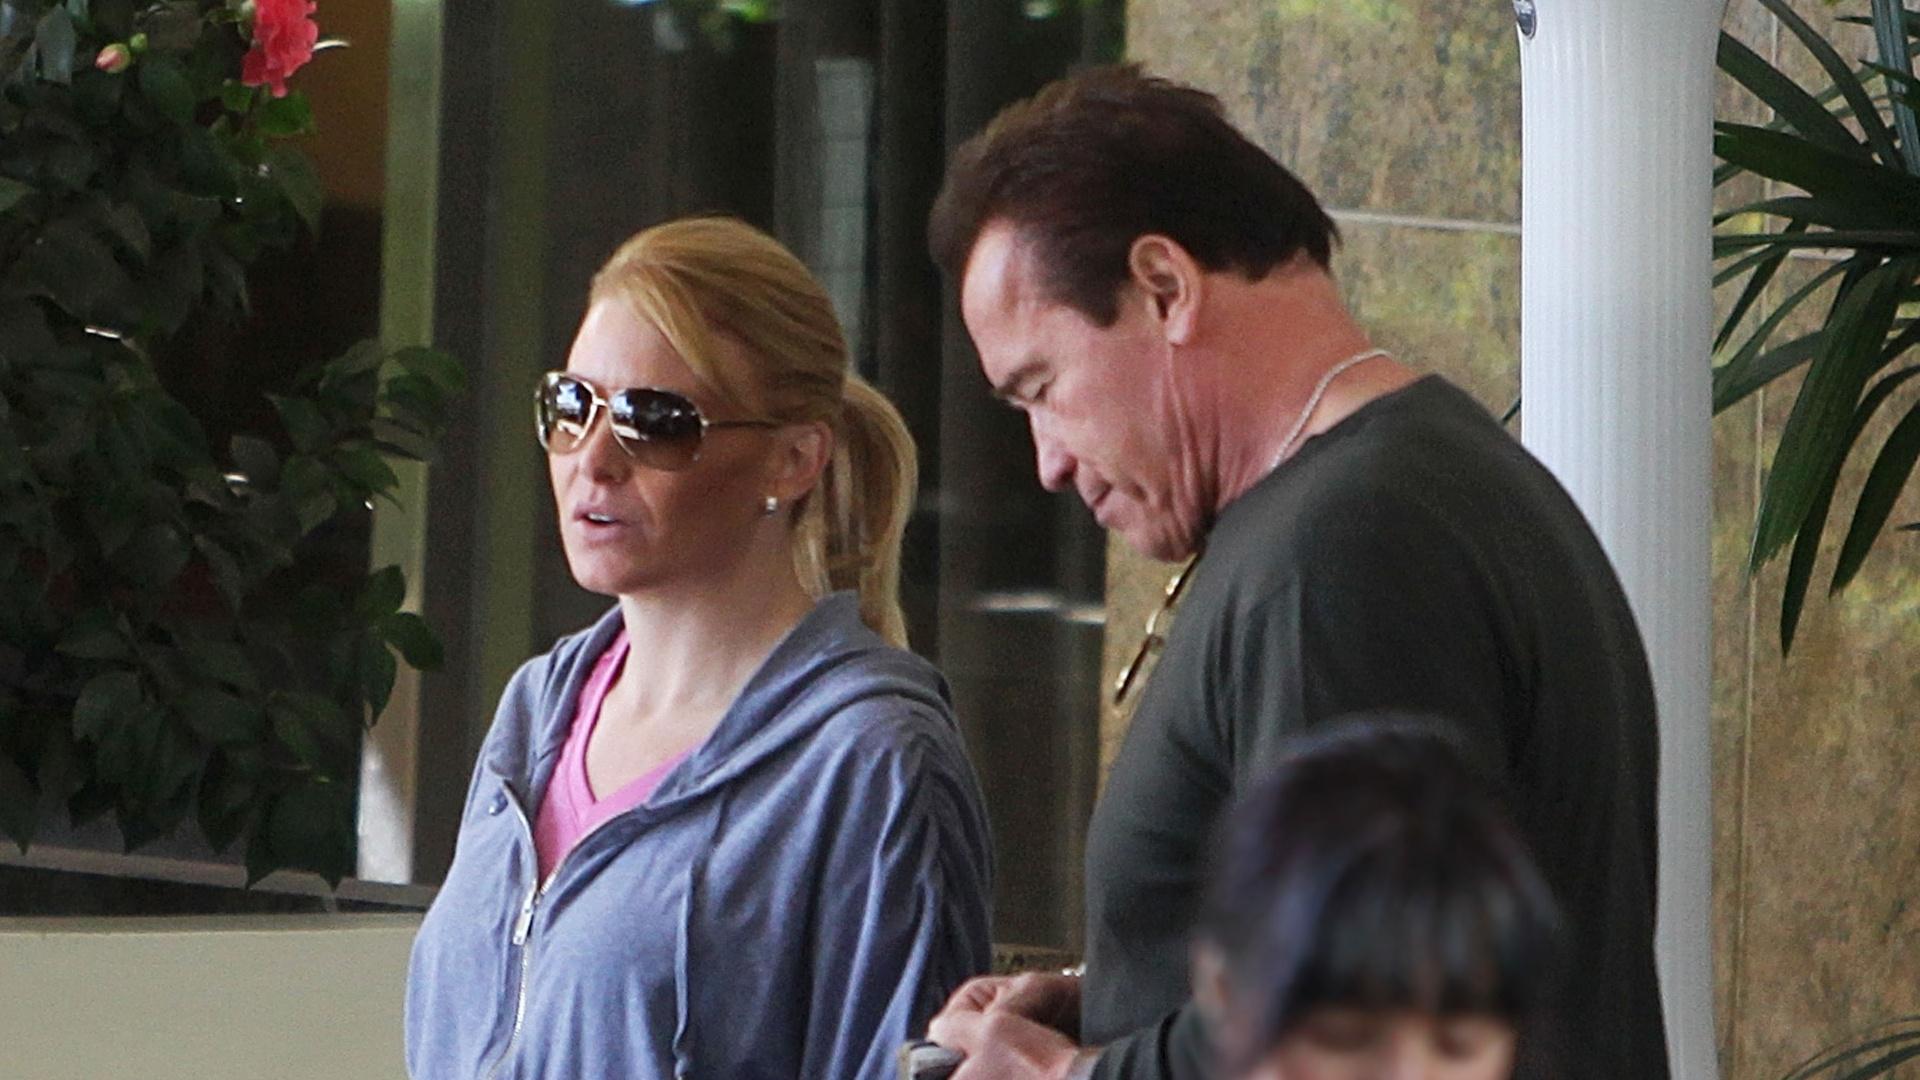 25.fev.2013 - Arnold Schwarzenegger almoçou com uma loira em um restaurante em Santa Monica, na Califórnia, O ator se separou de Maria Shriver em 2011 após 25 anos de união